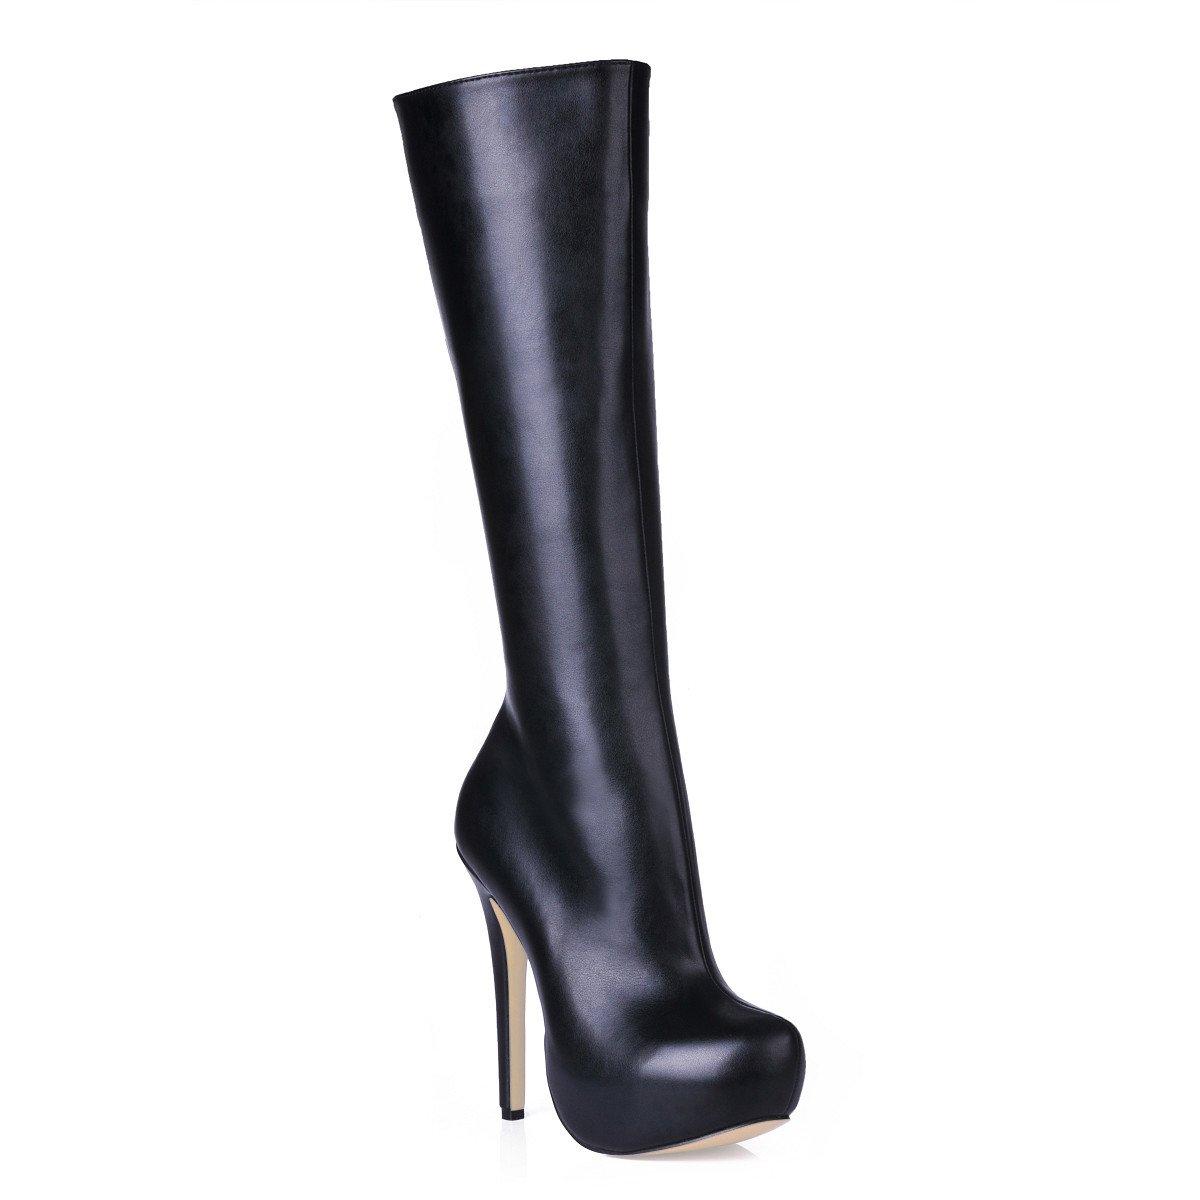 Hohe Stiefel Frauen neue Produkte in die Arbeit des Amtes des Hohen-heel runde Damen Stiefel